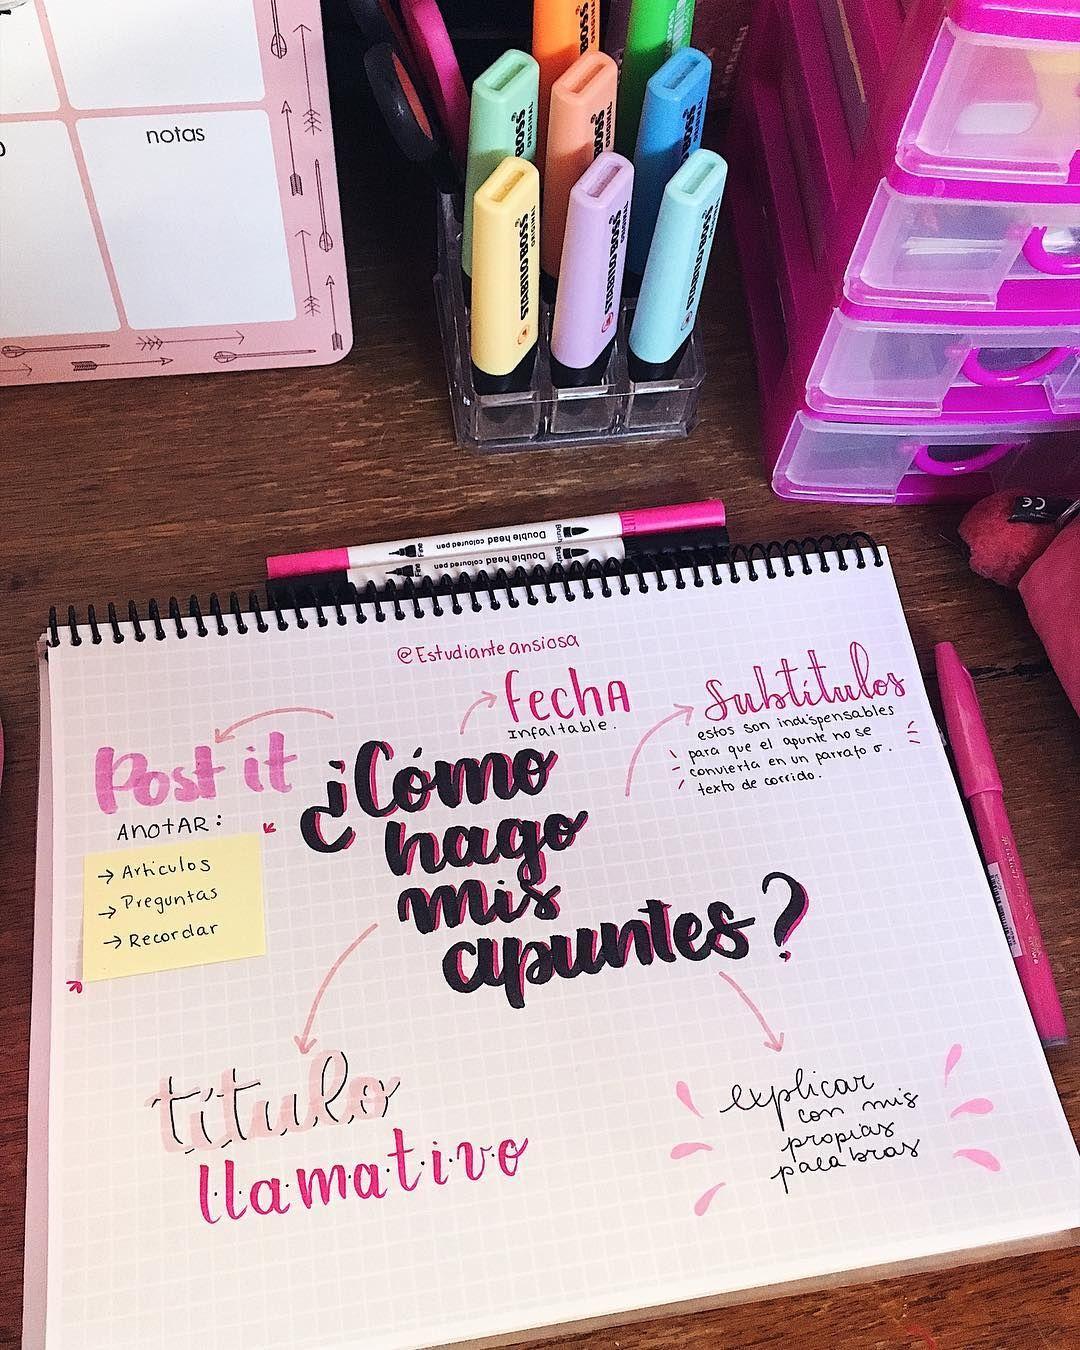 """Derecho on Instagram: """"Último día #febreroconlanegra 💗 COMO HAGO MIS APUNTES . Segunda foto: ejemplo de apunte""""  #study #escuela #apuntes #notes #school #estudiar"""